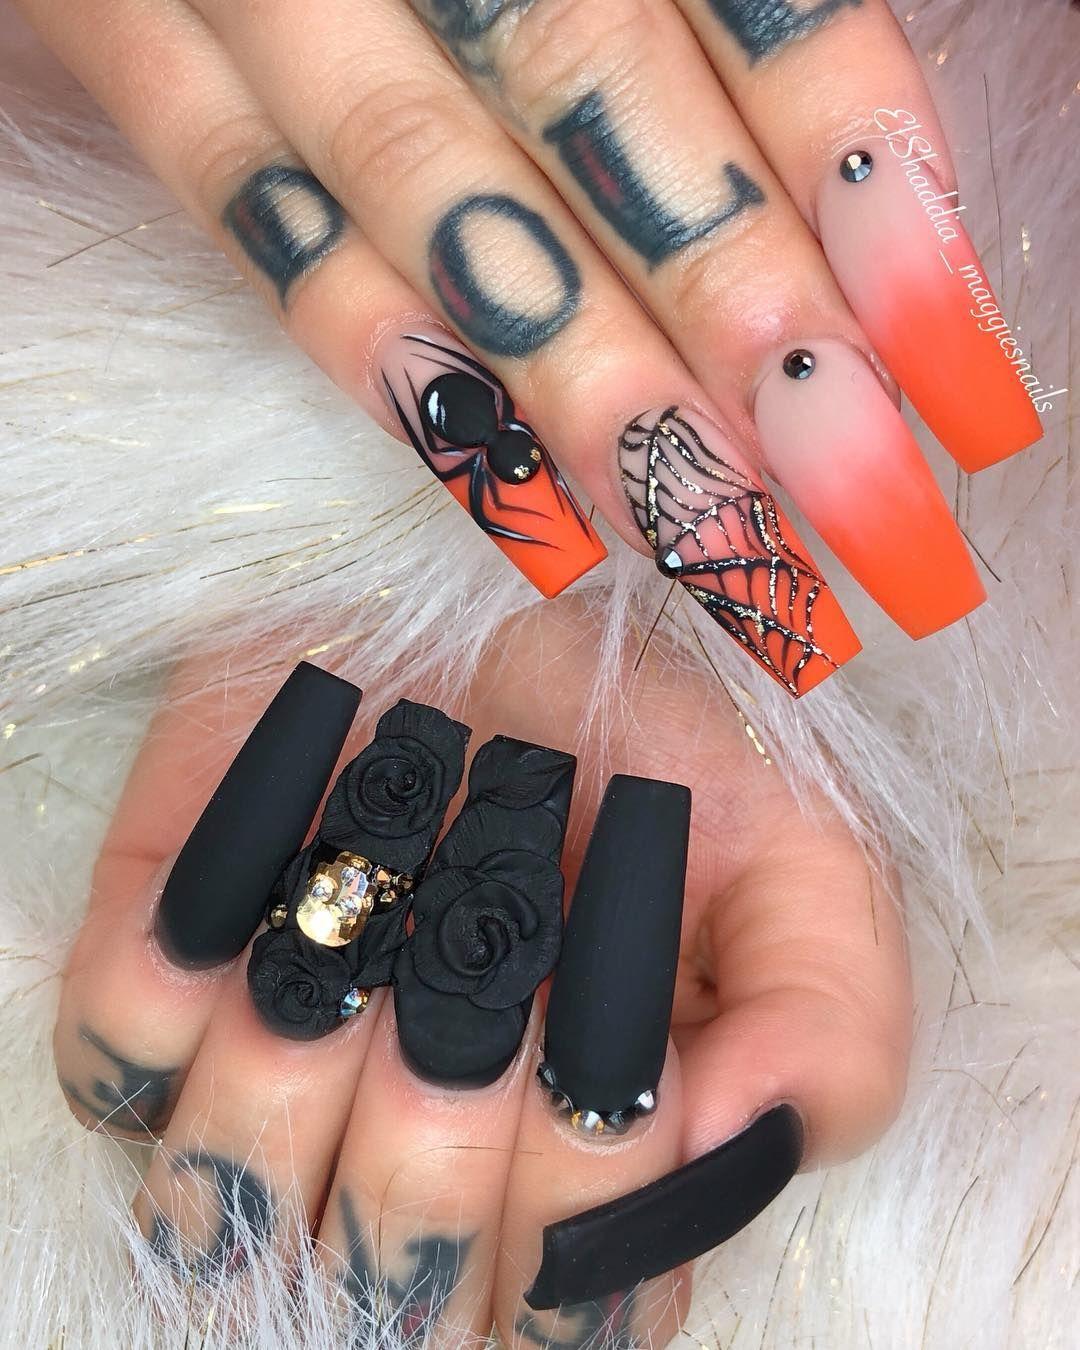 Halloween Nail Art Ideas In 2020 Black Halloween Nails Halloween Nail Designs Holloween Nails